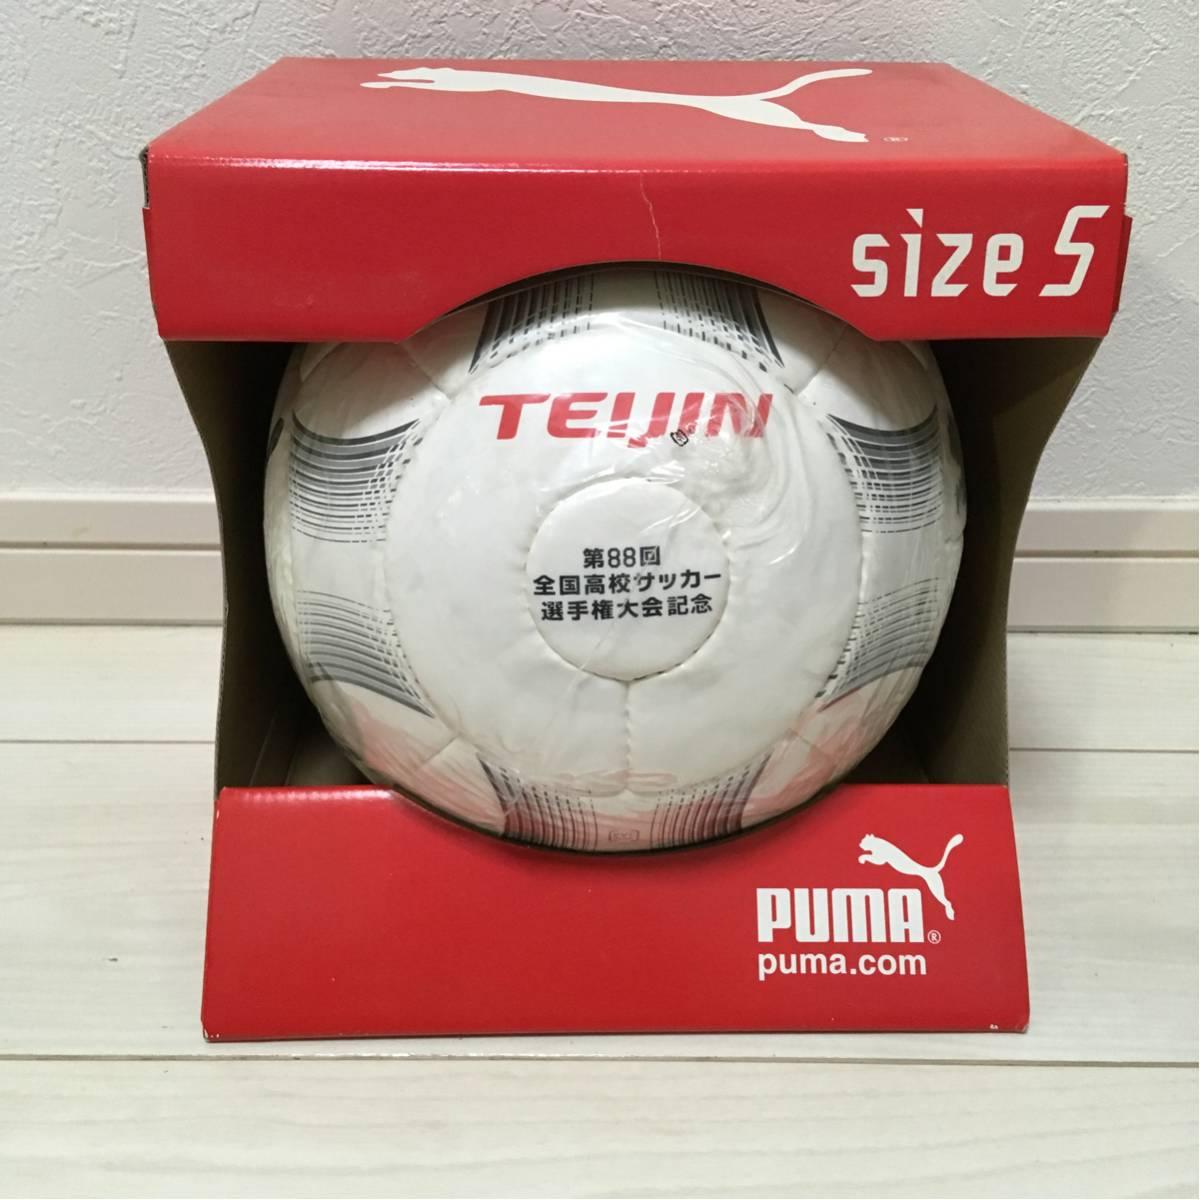 第88回 全国高校サッカー選手権大会 記念ボール